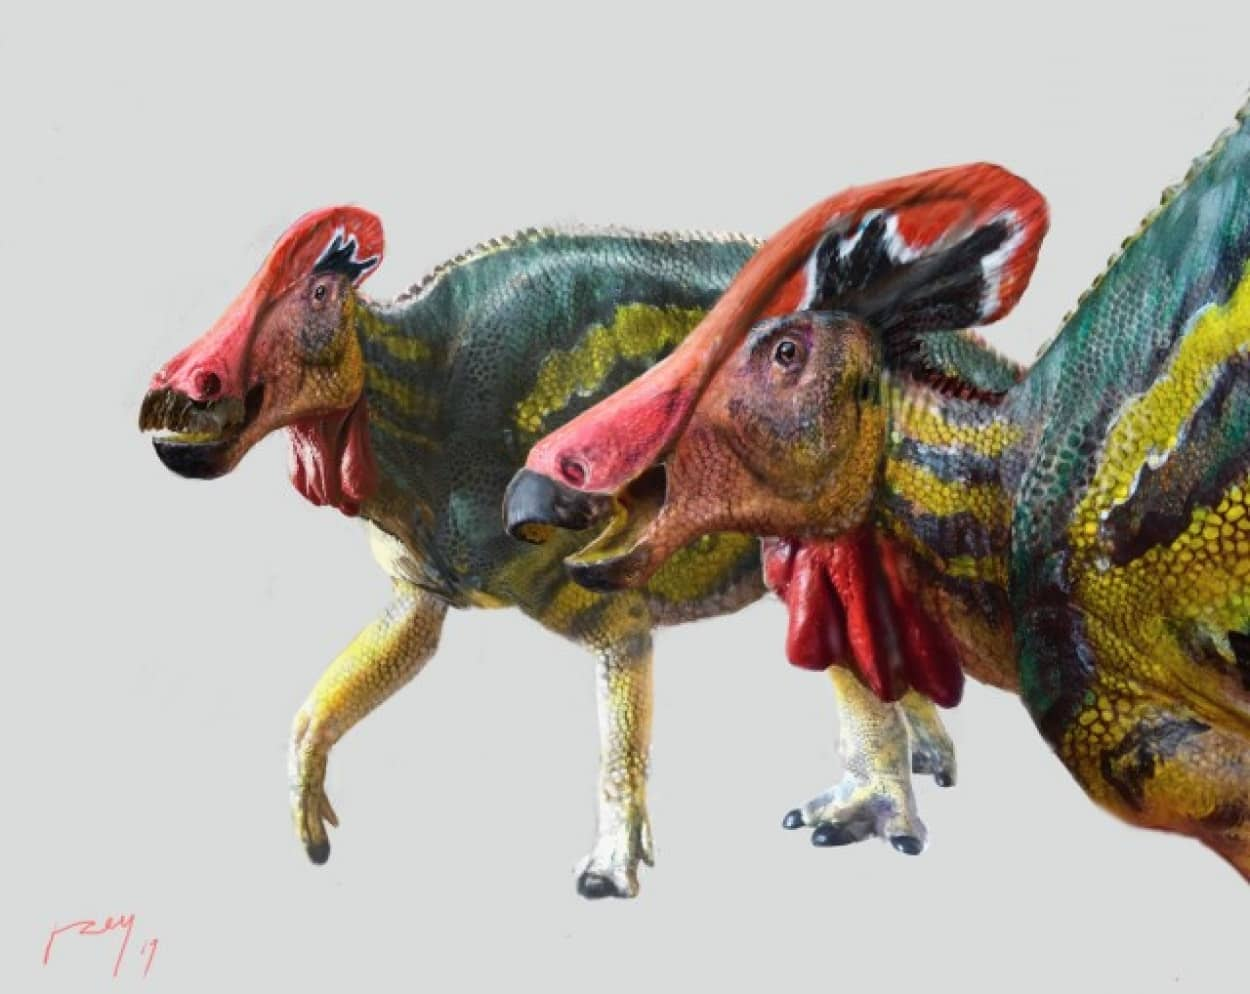 おしゃべりな恐竜の新種が発見される